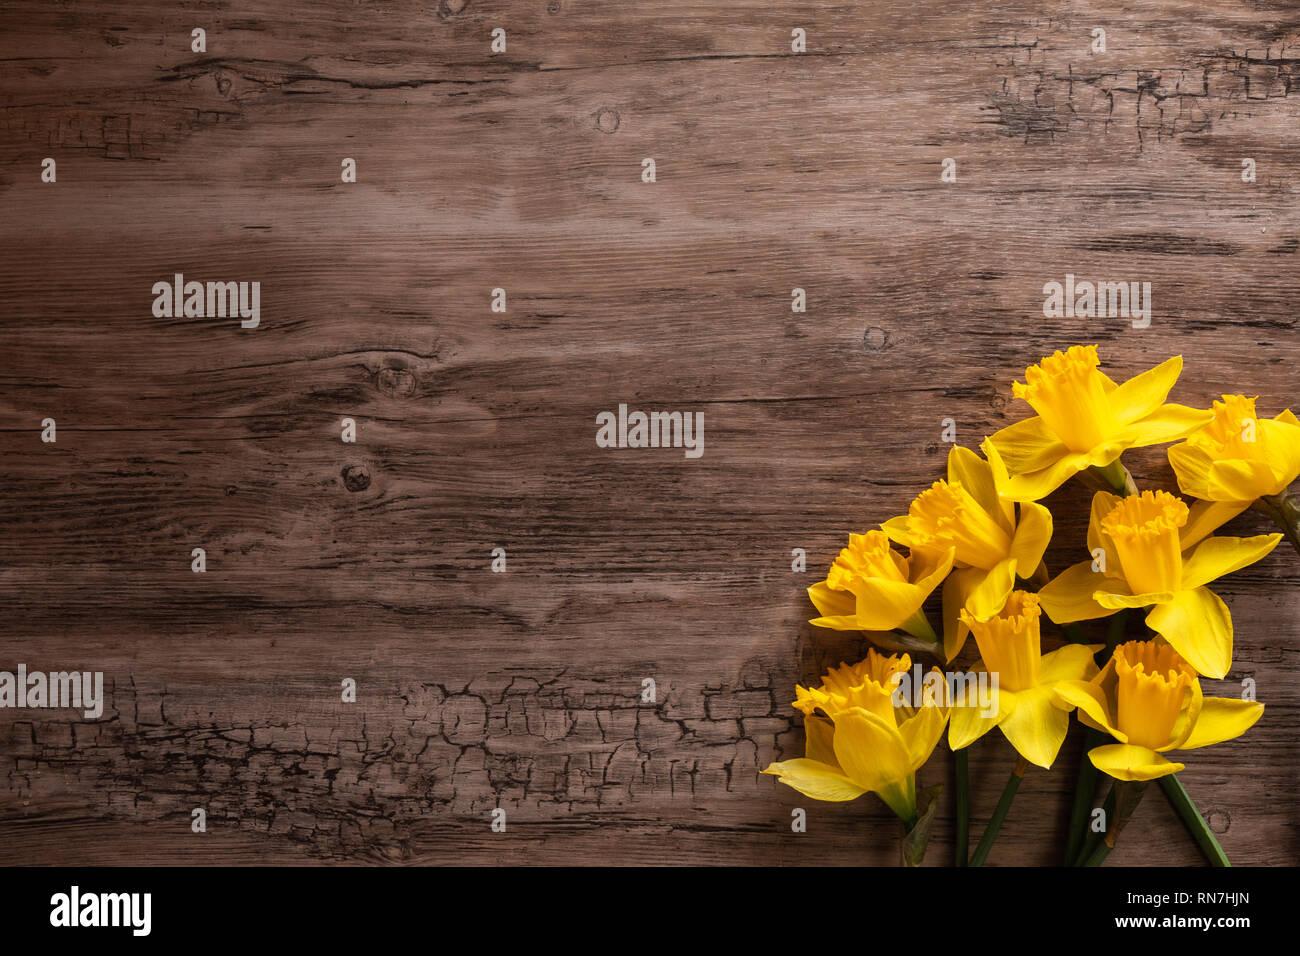 Flach der Narzissen auf einer hölzernen Oberfläche, mit den Blumen in einem Haufen in der Ecke des Bildes the Stockfoto